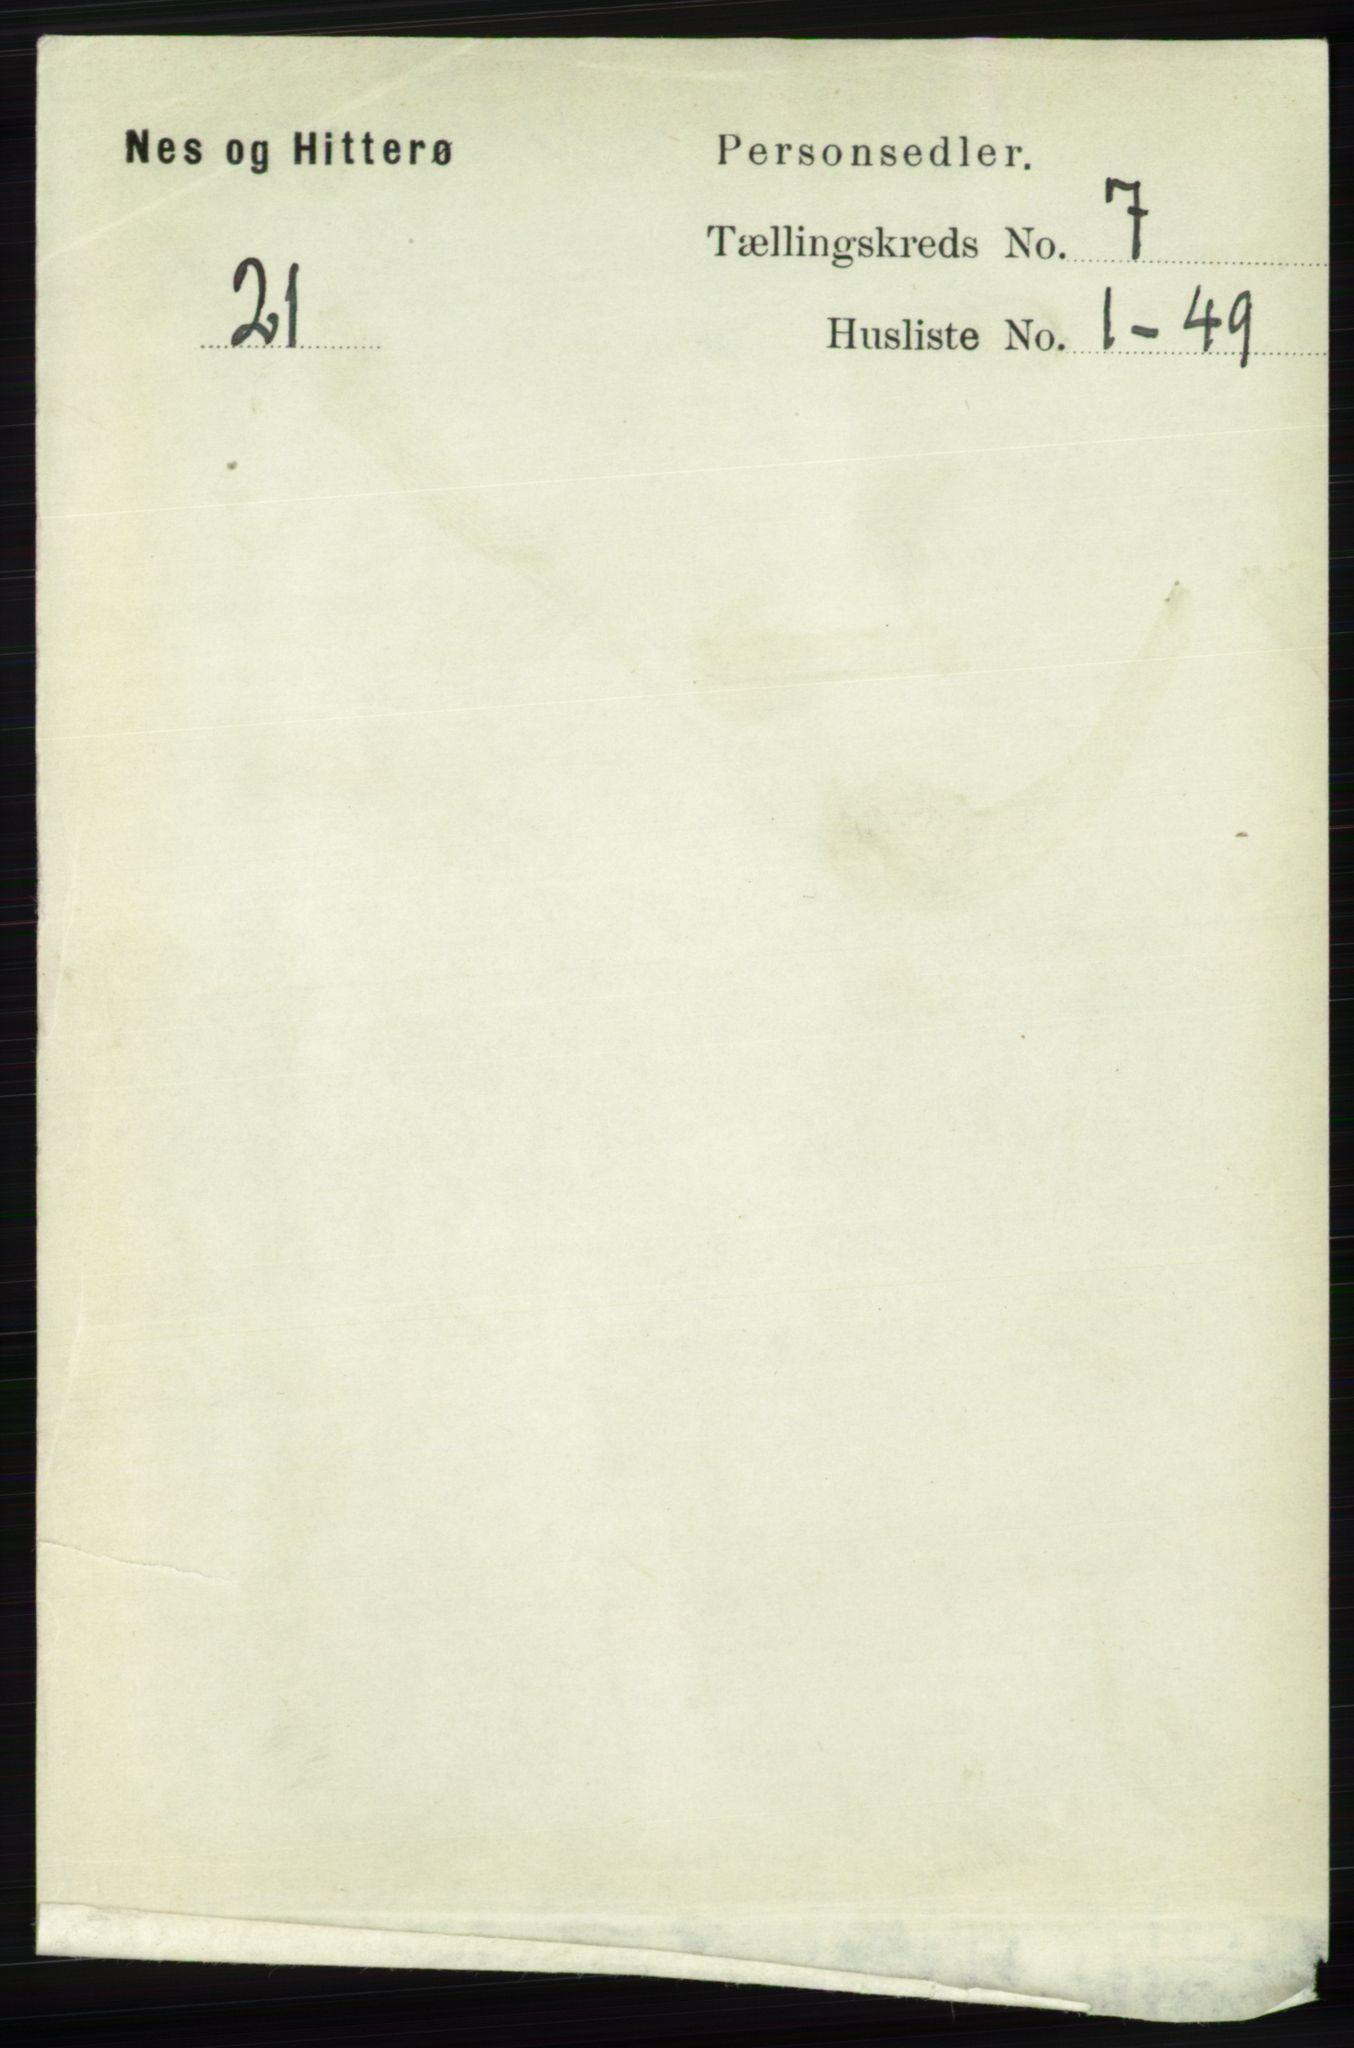 RA, Folketelling 1891 for 1043 Hidra og Nes herred, 1891, s. 2803